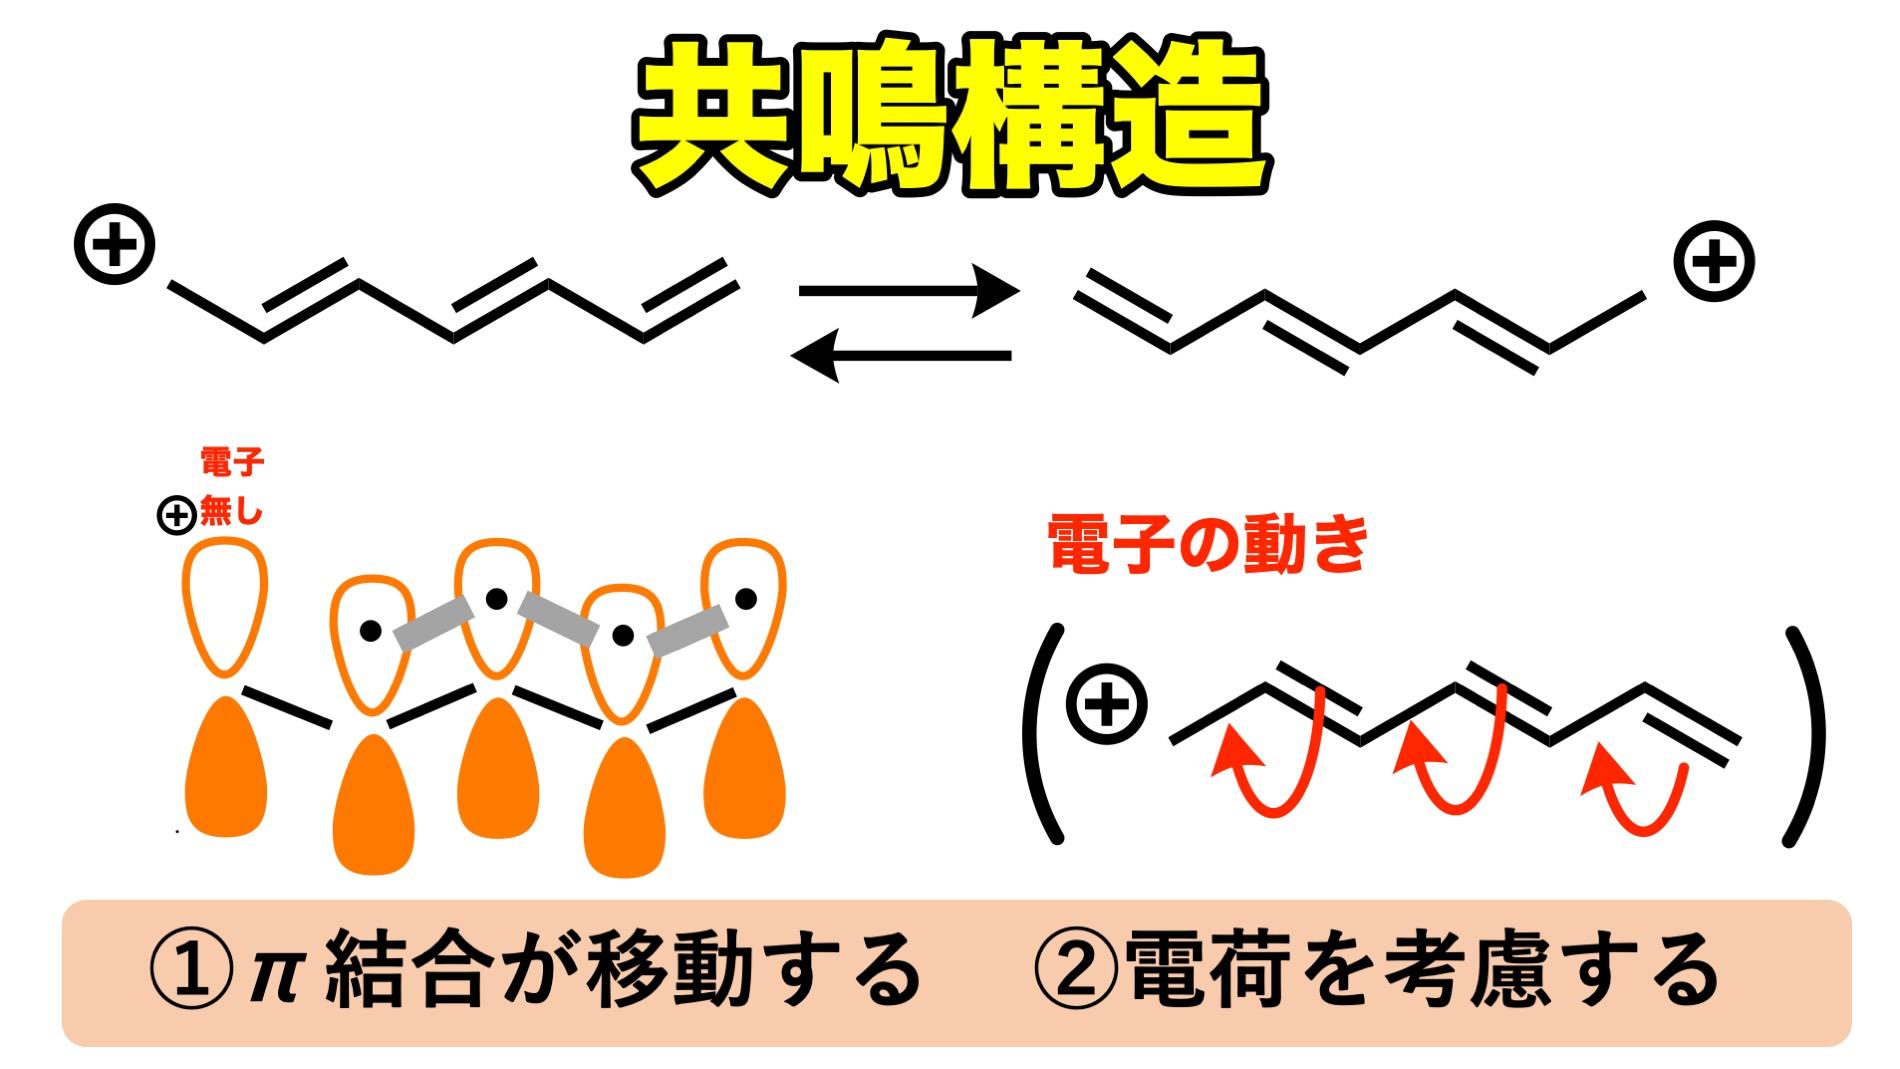 共鳴構造式とは:概念から書き方・矢印の書き方まで : 化学のススメ